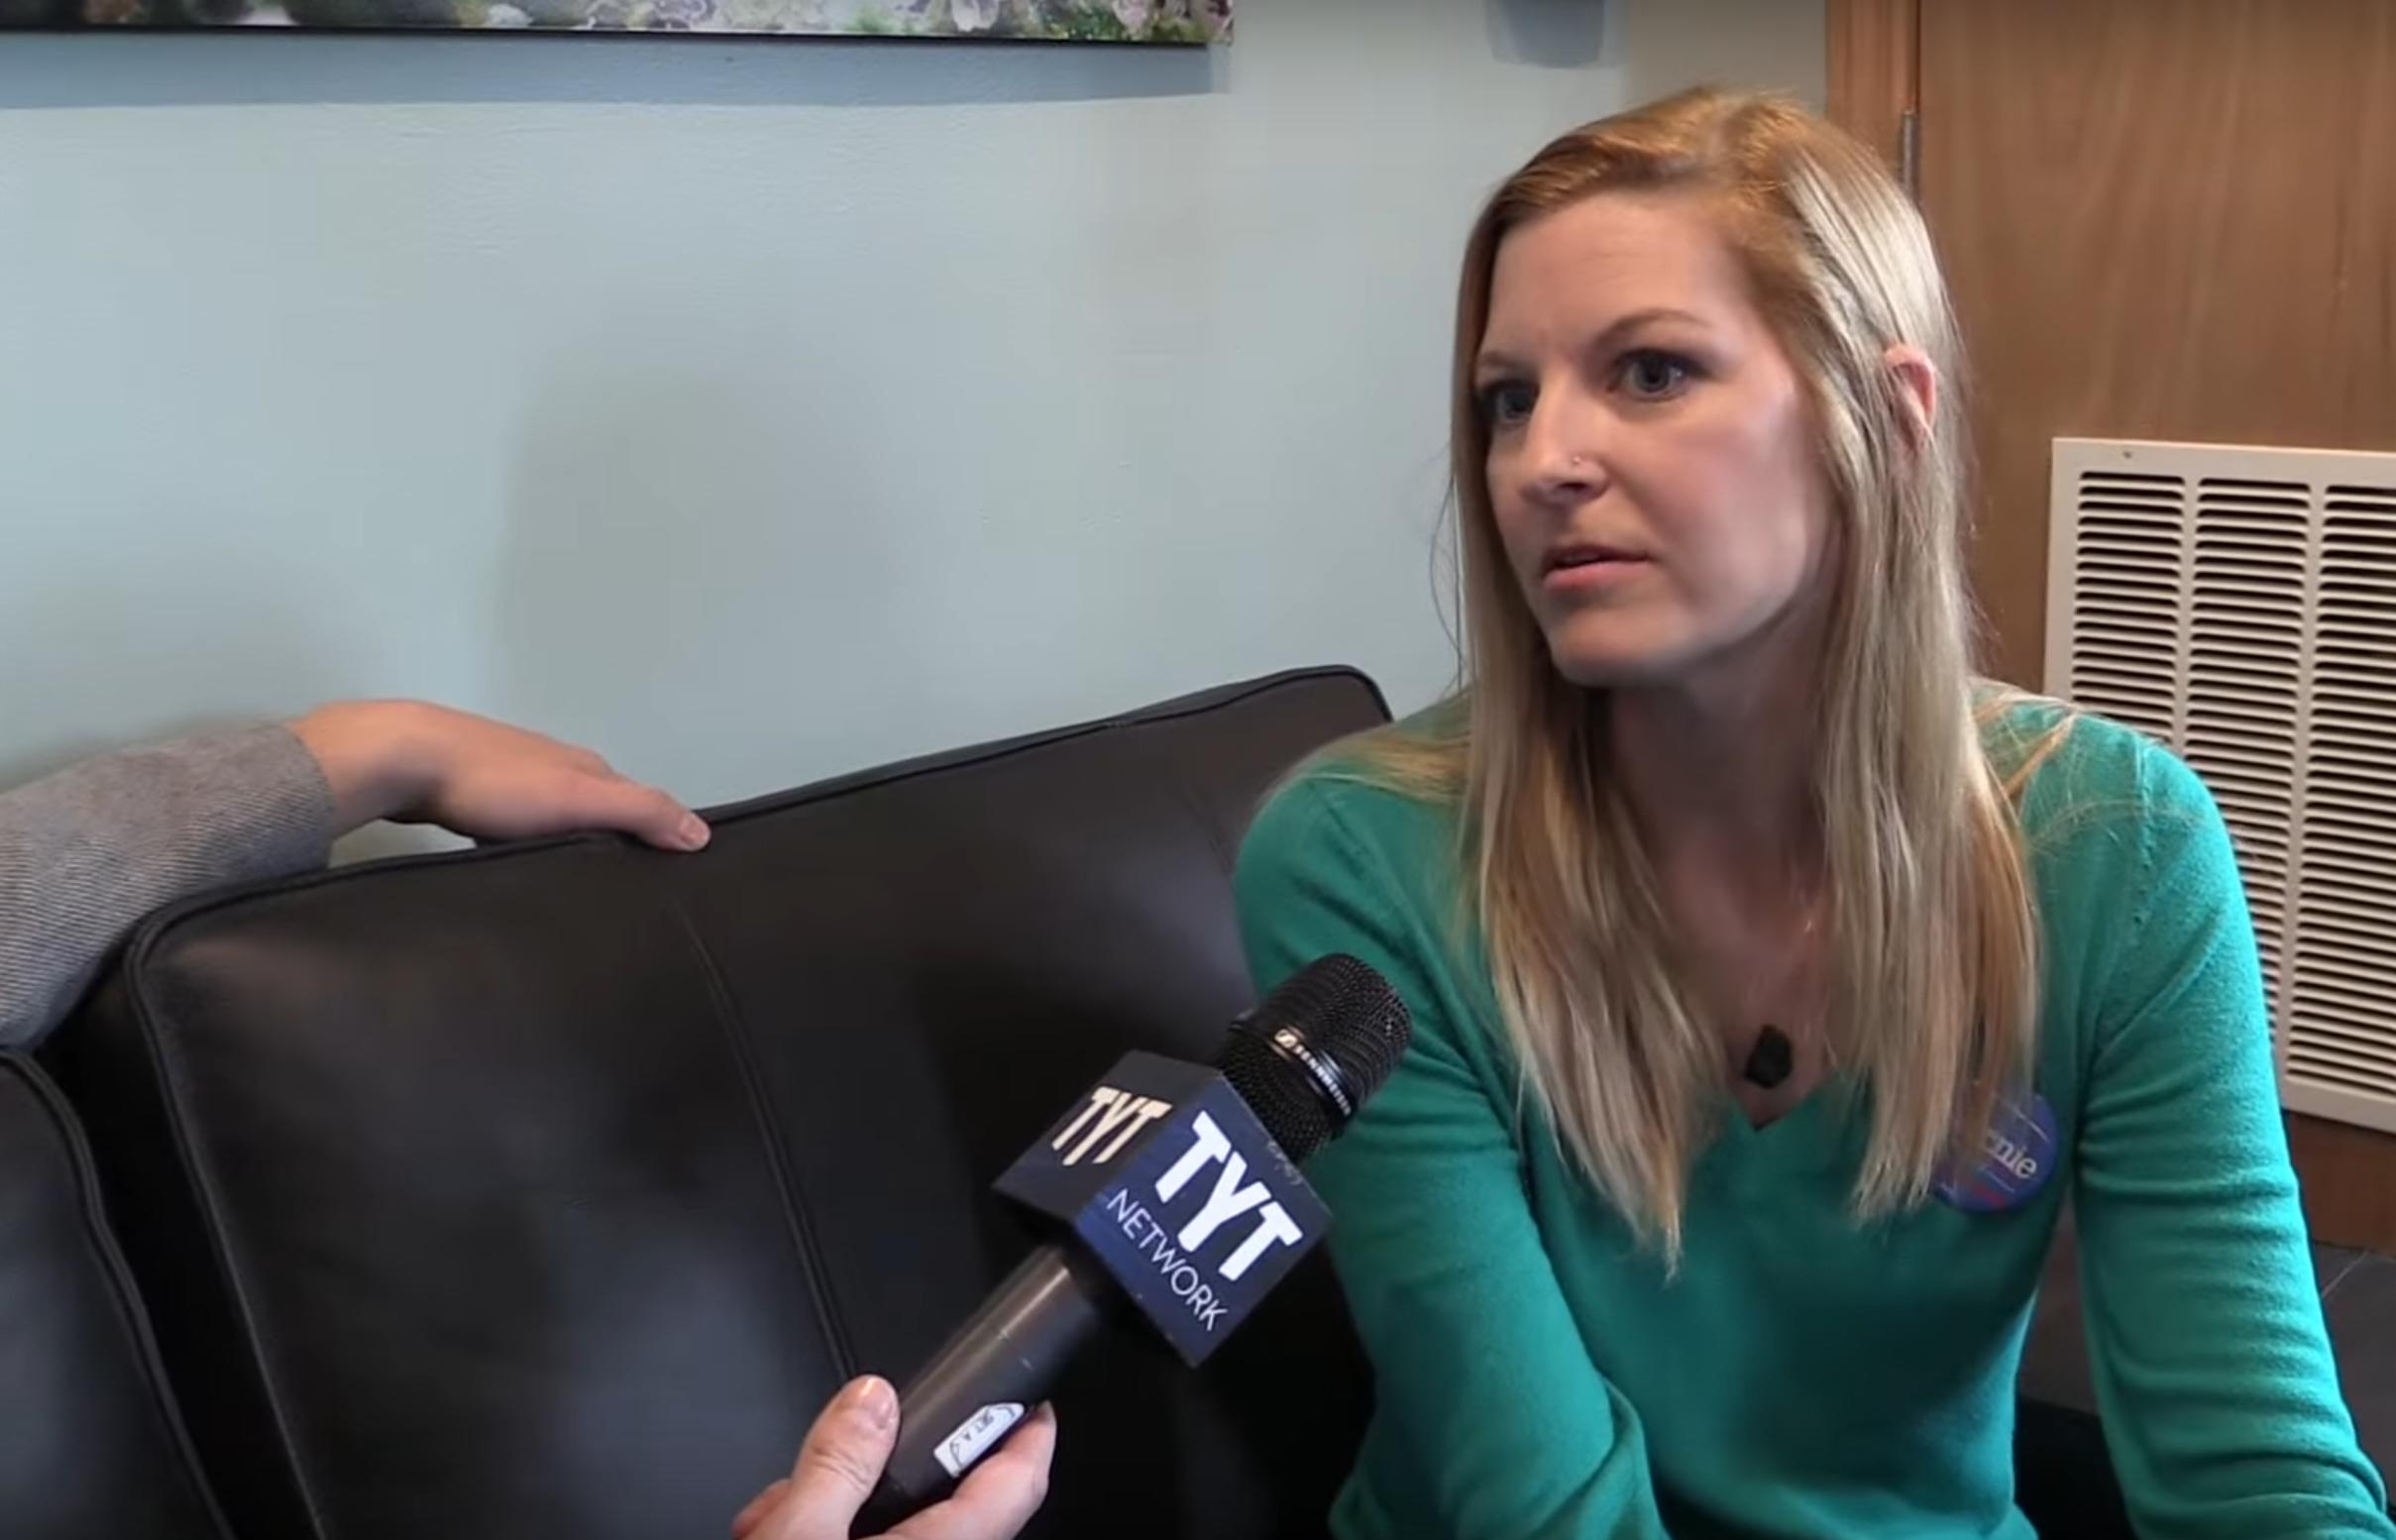 Video - Lupus-patiënte gezonder dan ooit dankzij cannabis - Mediwietsite